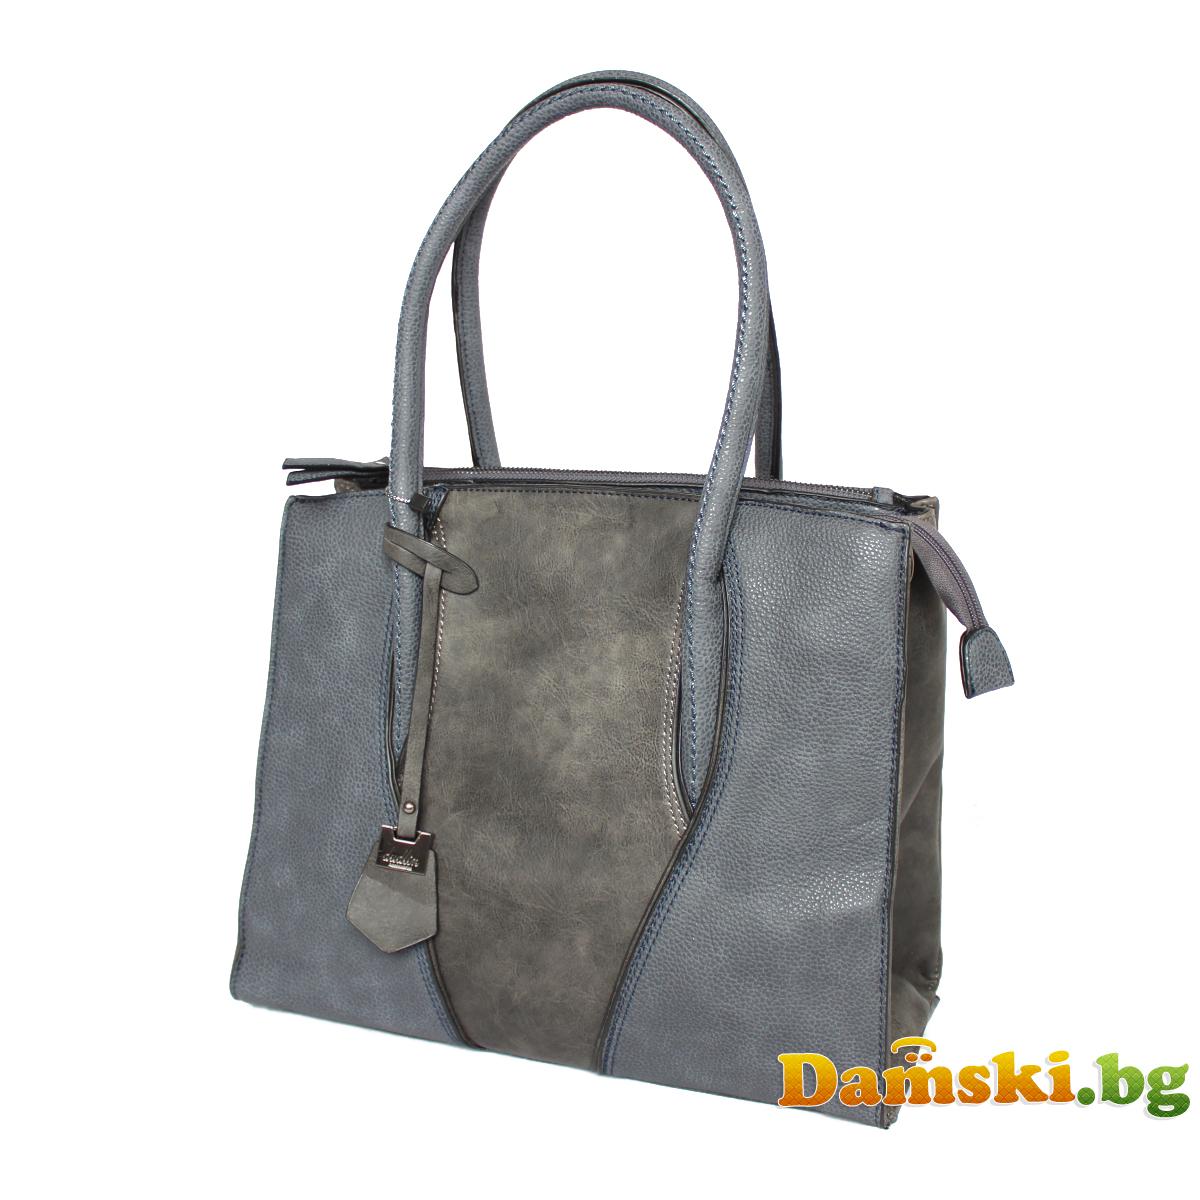 Стилна дамска чанта - Ива Снимка 3 от 3